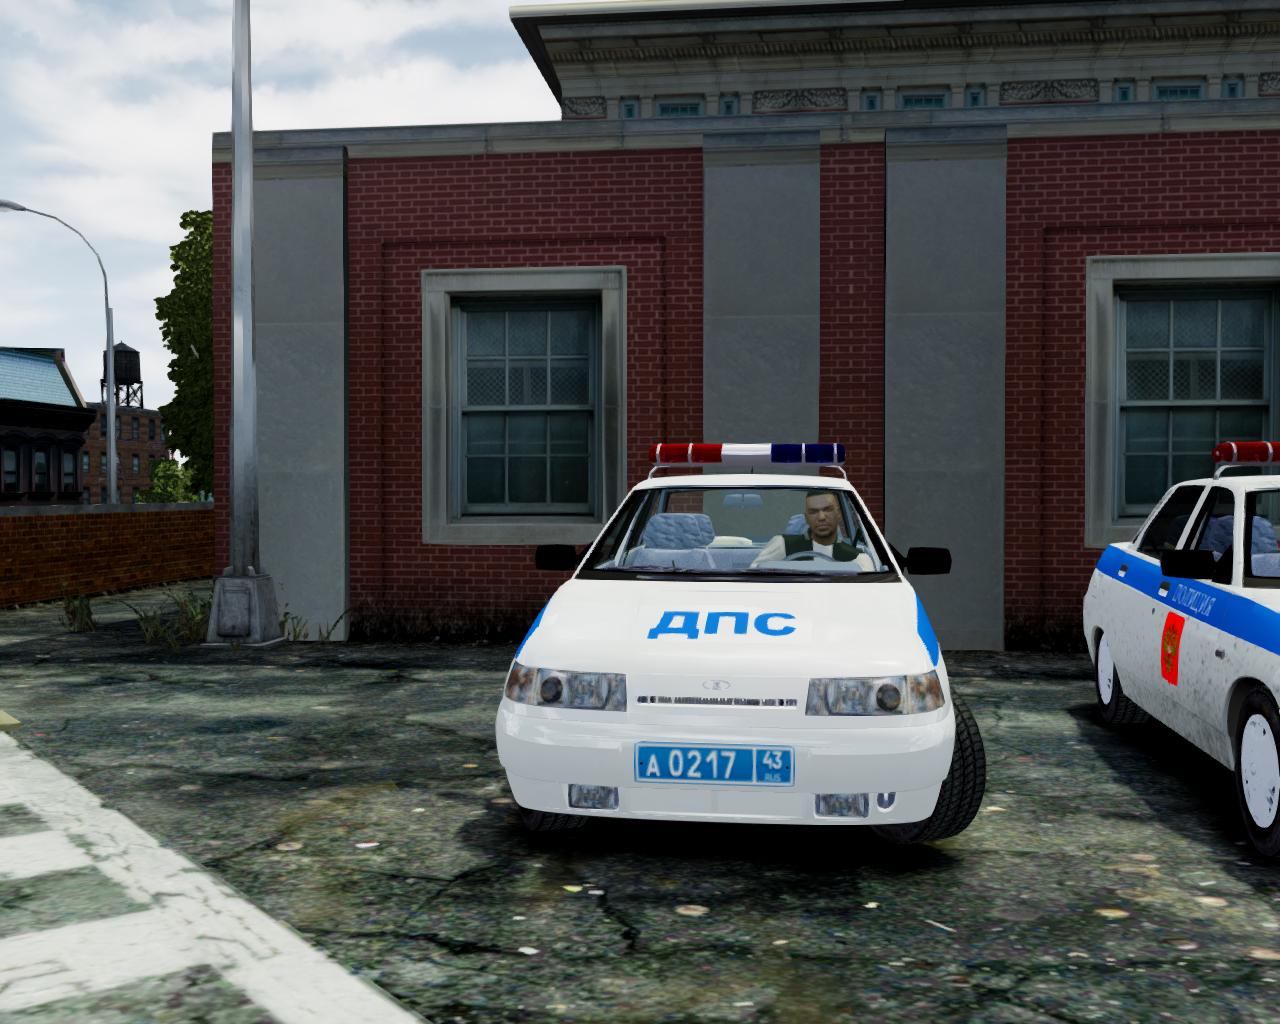 Ваз-2170 приора police для gta 4.